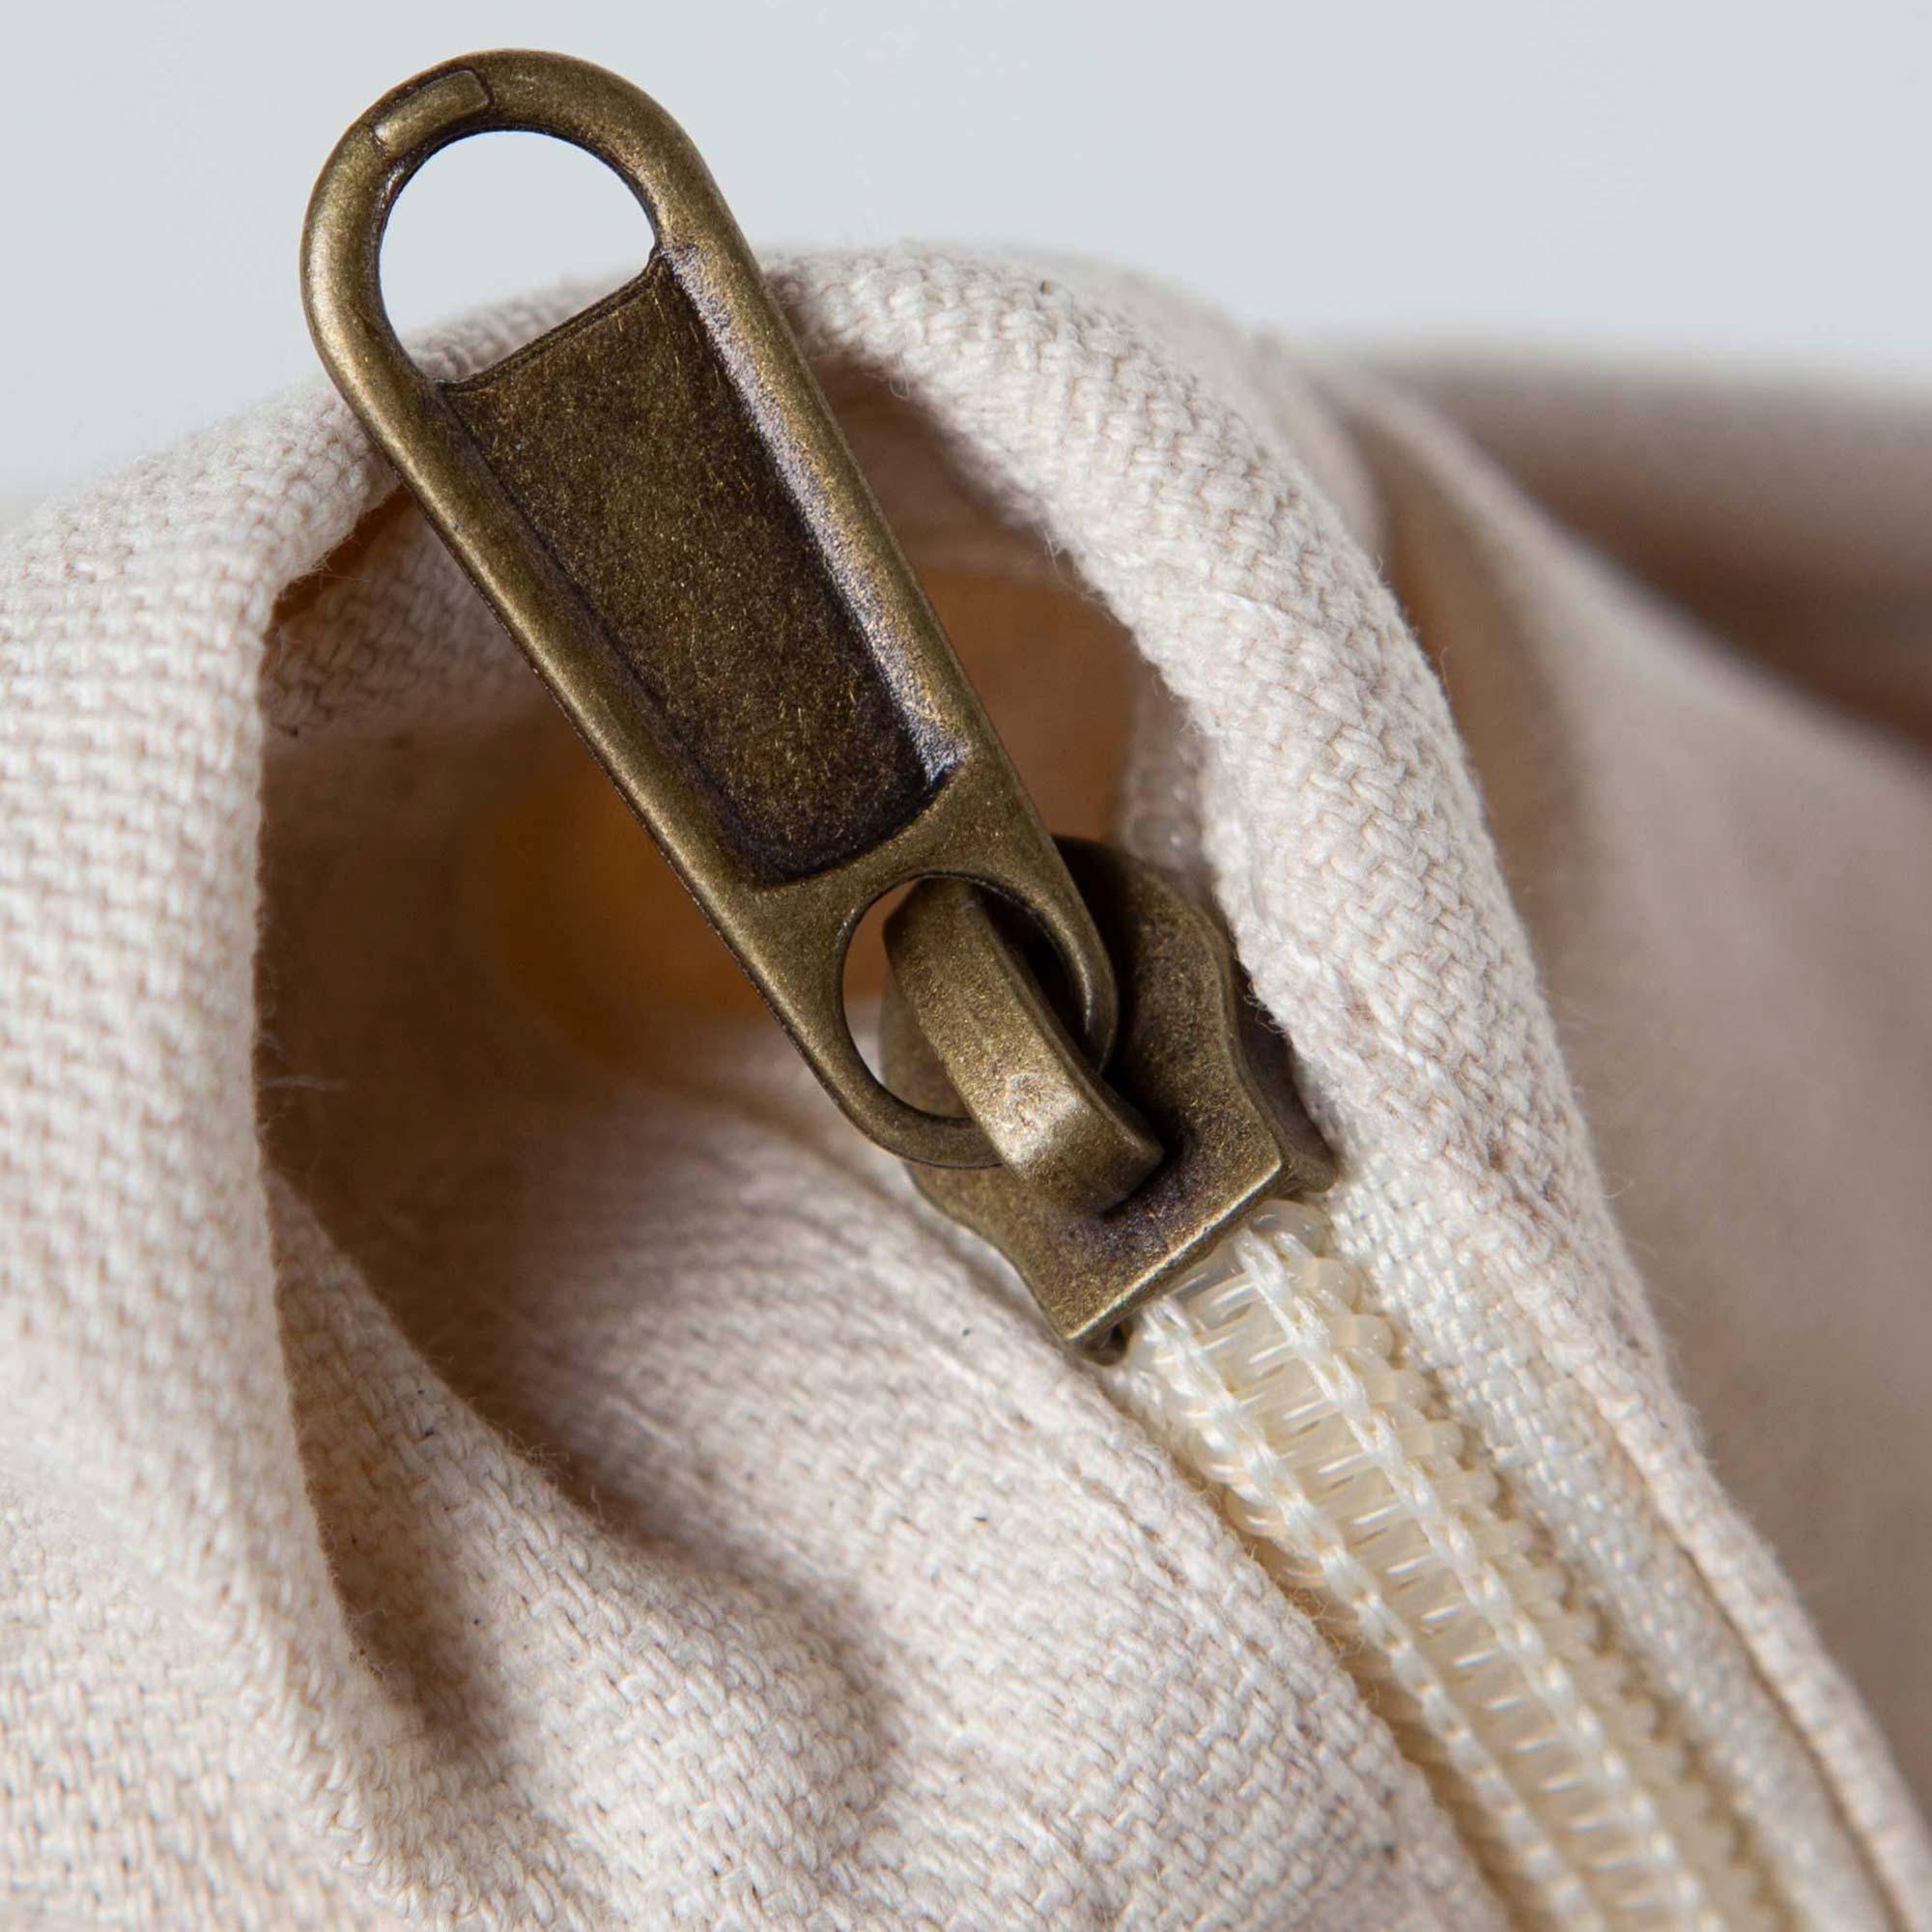 Top zip closure